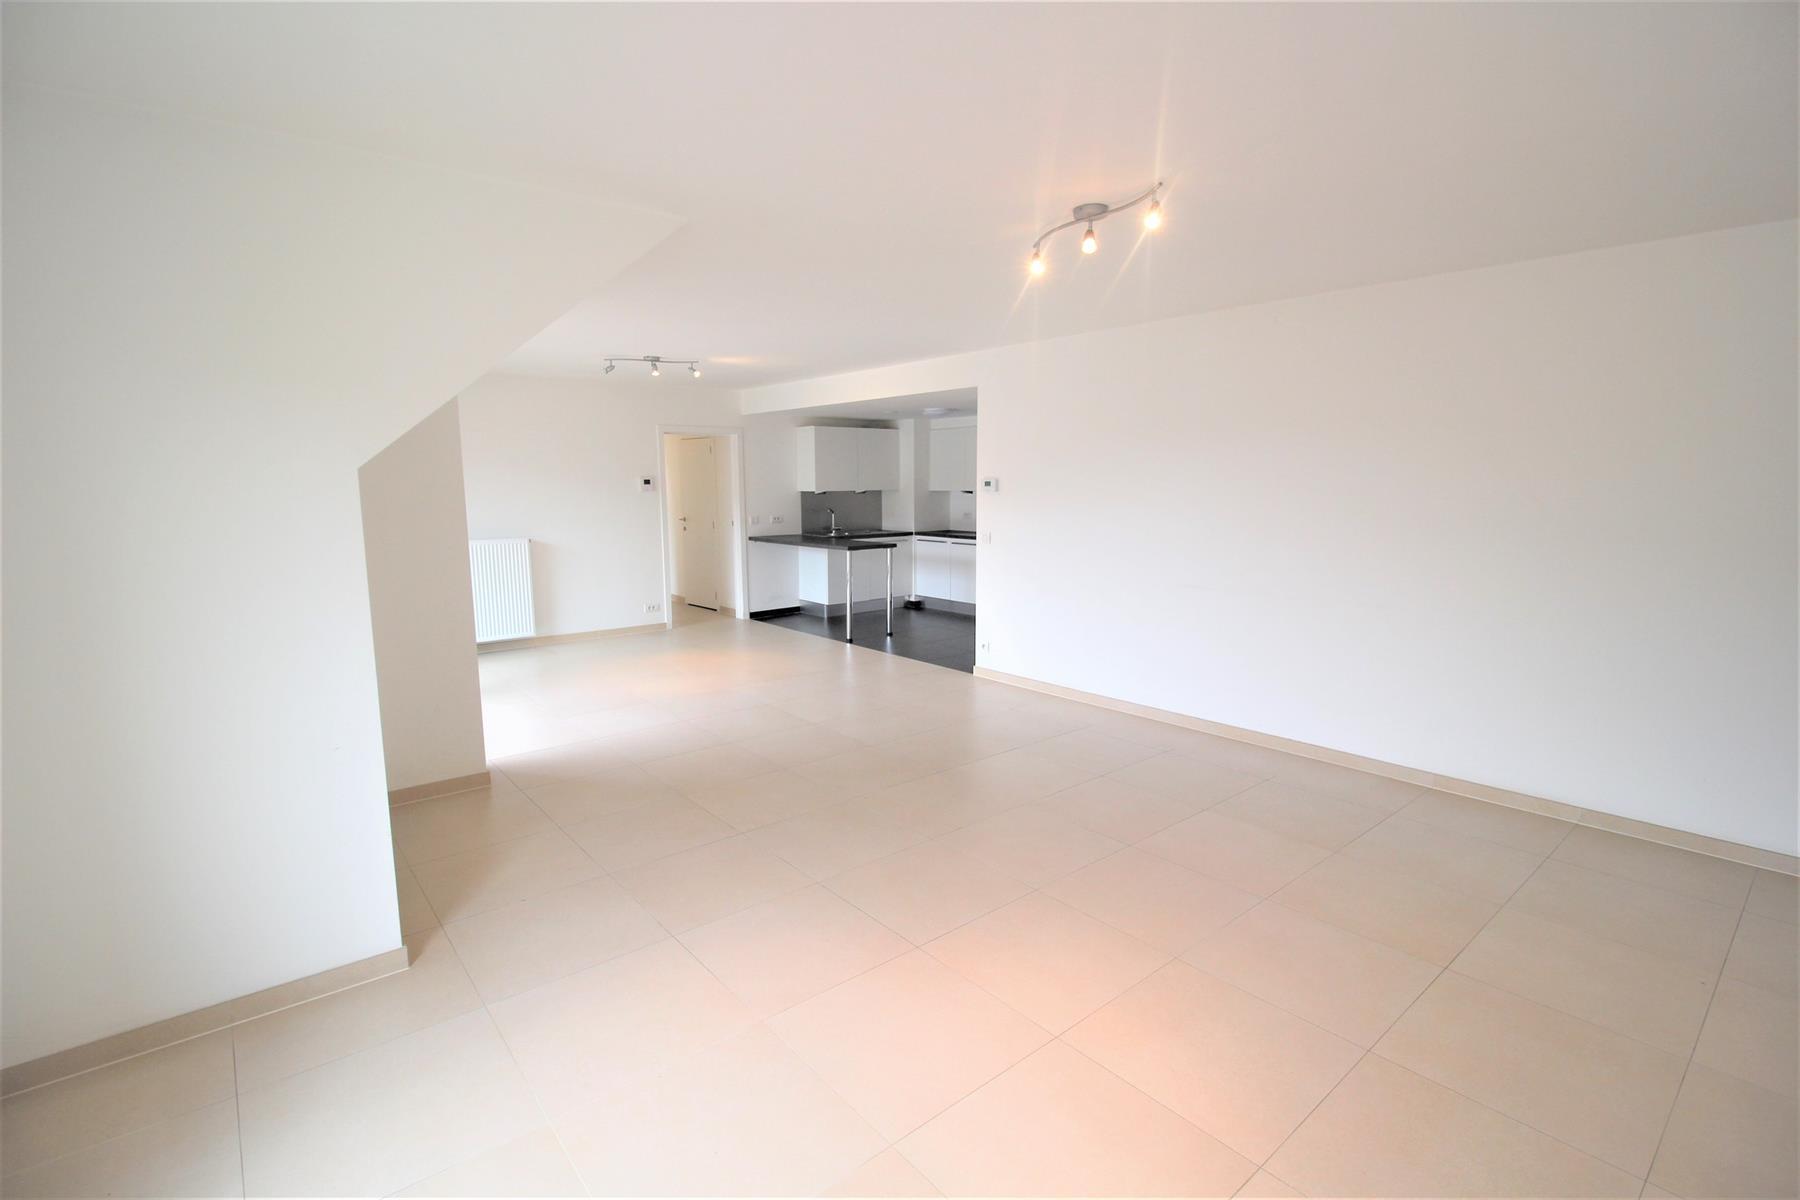 Appartement - Grez-Doiceau - #4163133-16